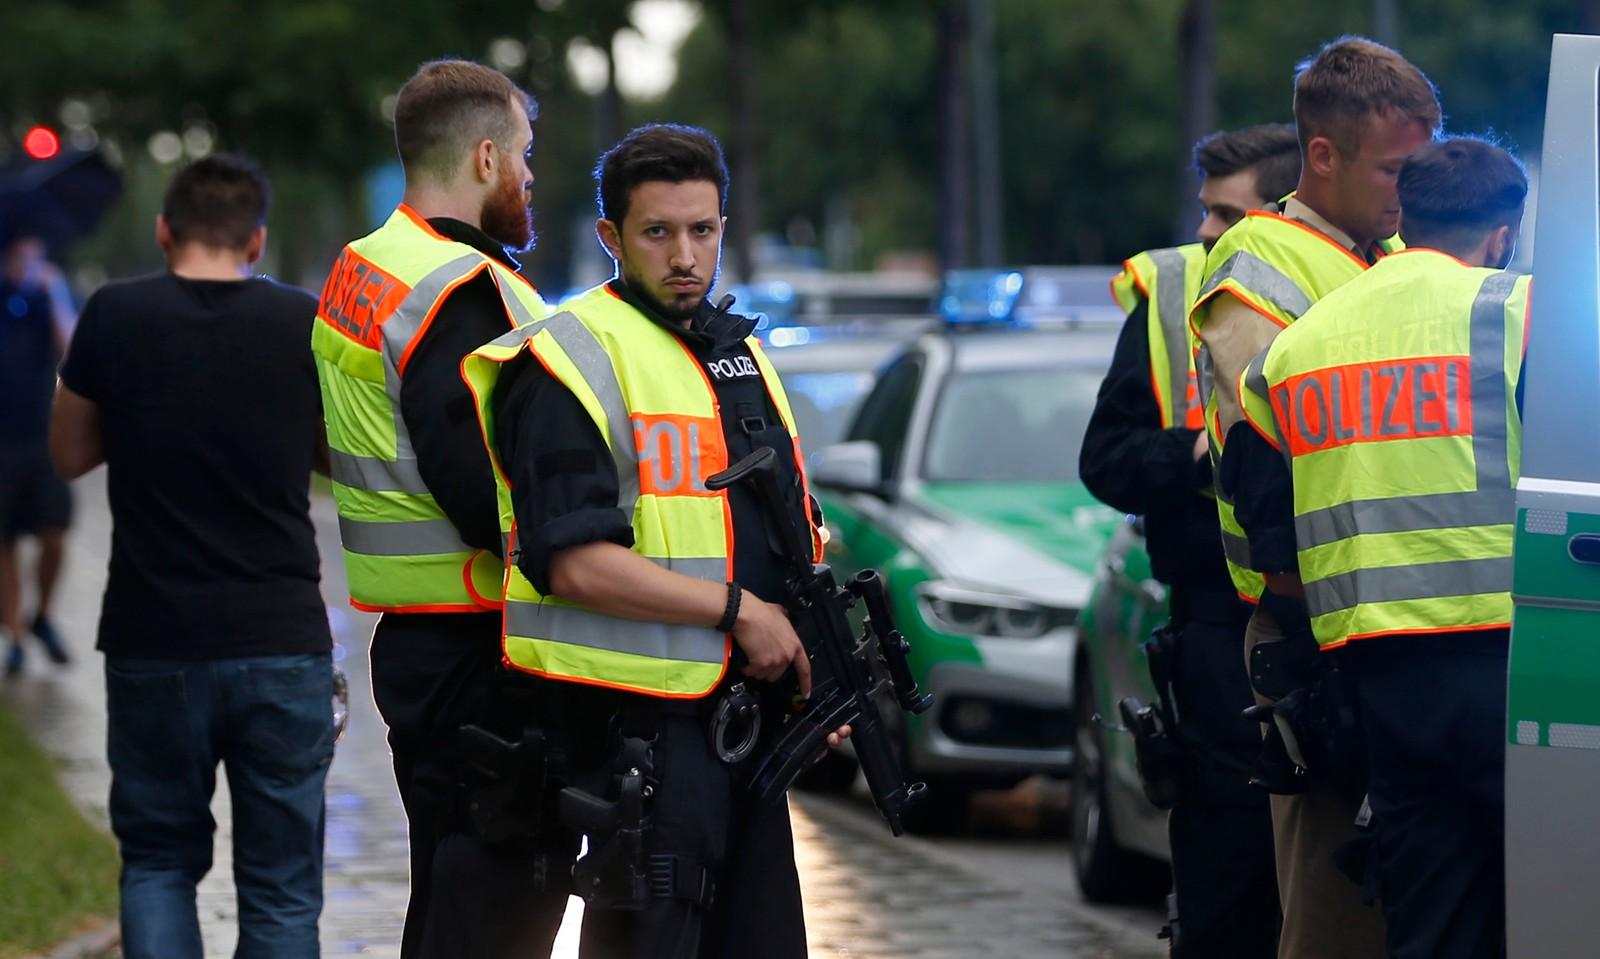 STORE POLITISTYRKER: Store politistyrker leter etter gjerningsmannen i Münchens gater. Her er politi i ferd med å sikre en gate i nærheten av kjøpesenteret.